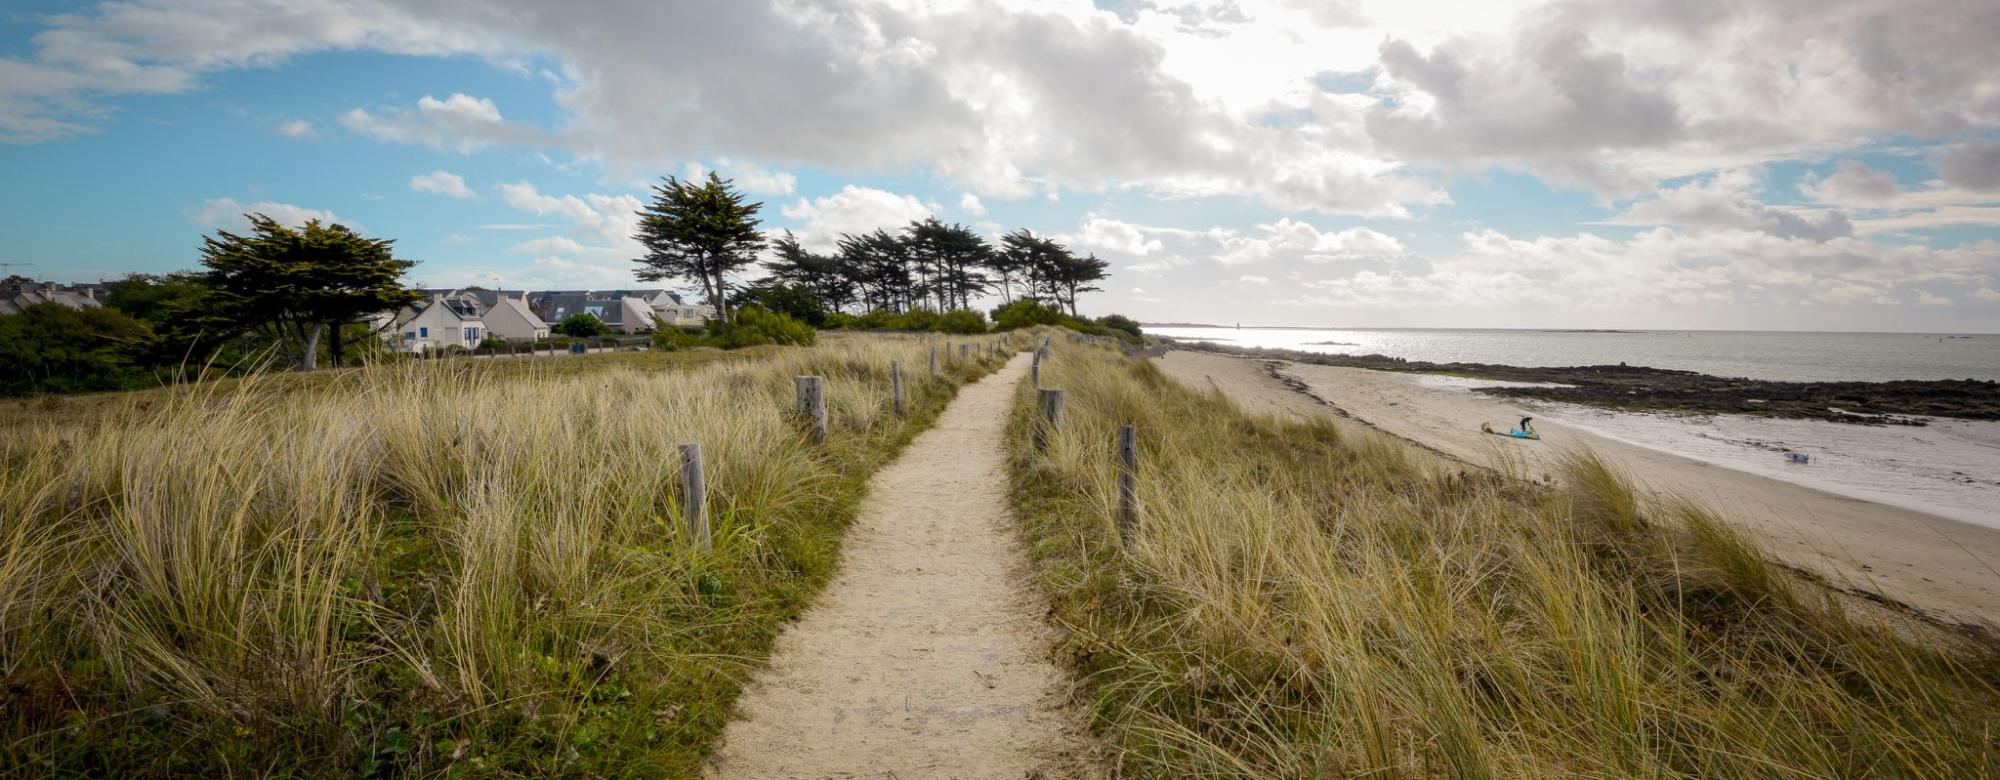 Chemin en surplomb de la plage, Larmor Plage